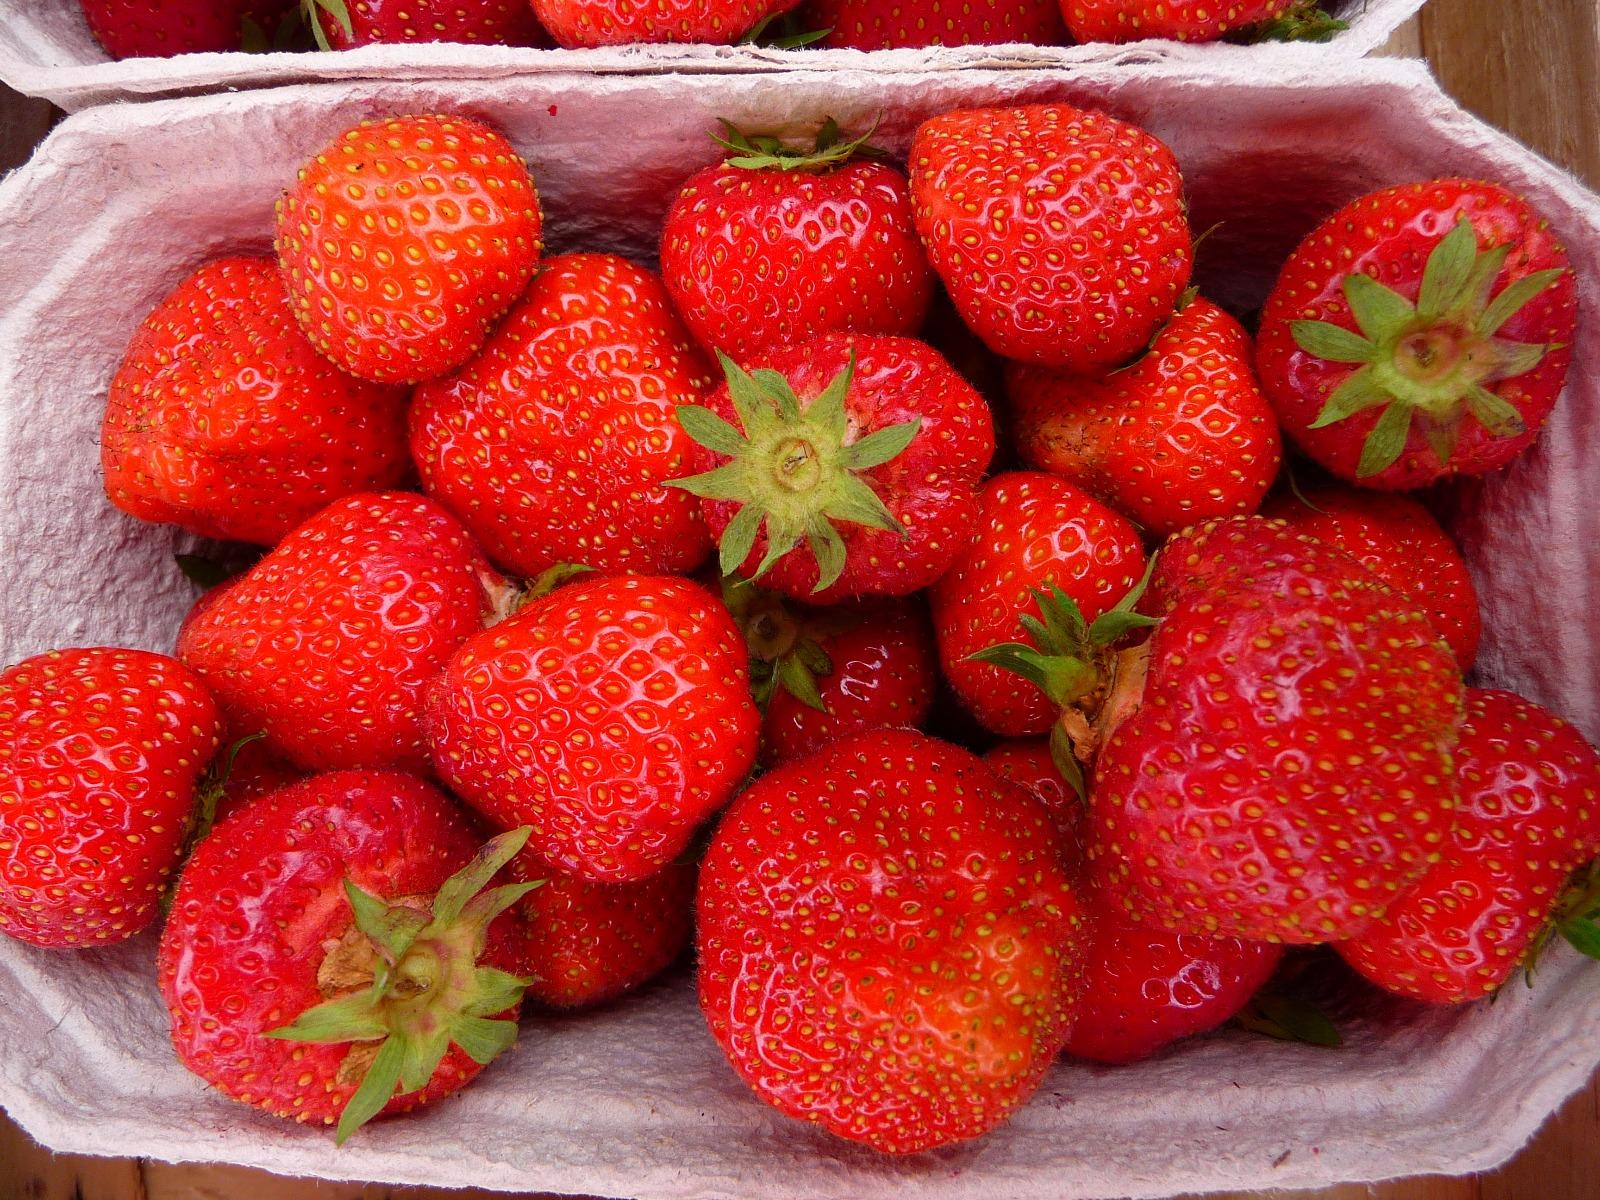 Senga Sengana Erdbeerpflanze